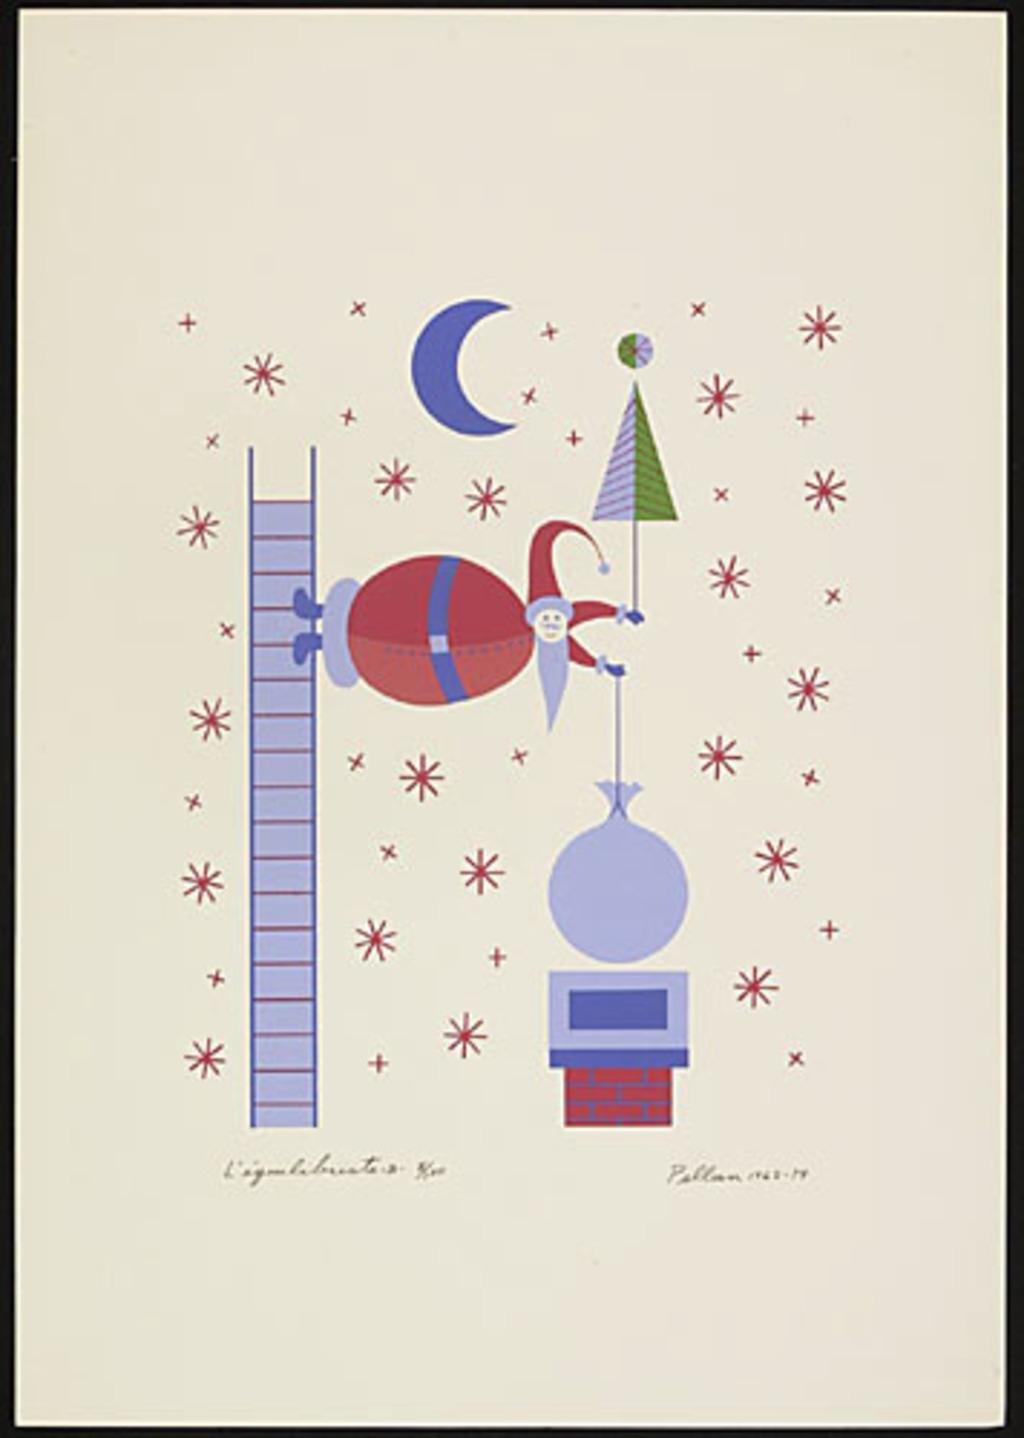 L'Équilibriste - B, du livre d'artiste «Les Pères Noëls»